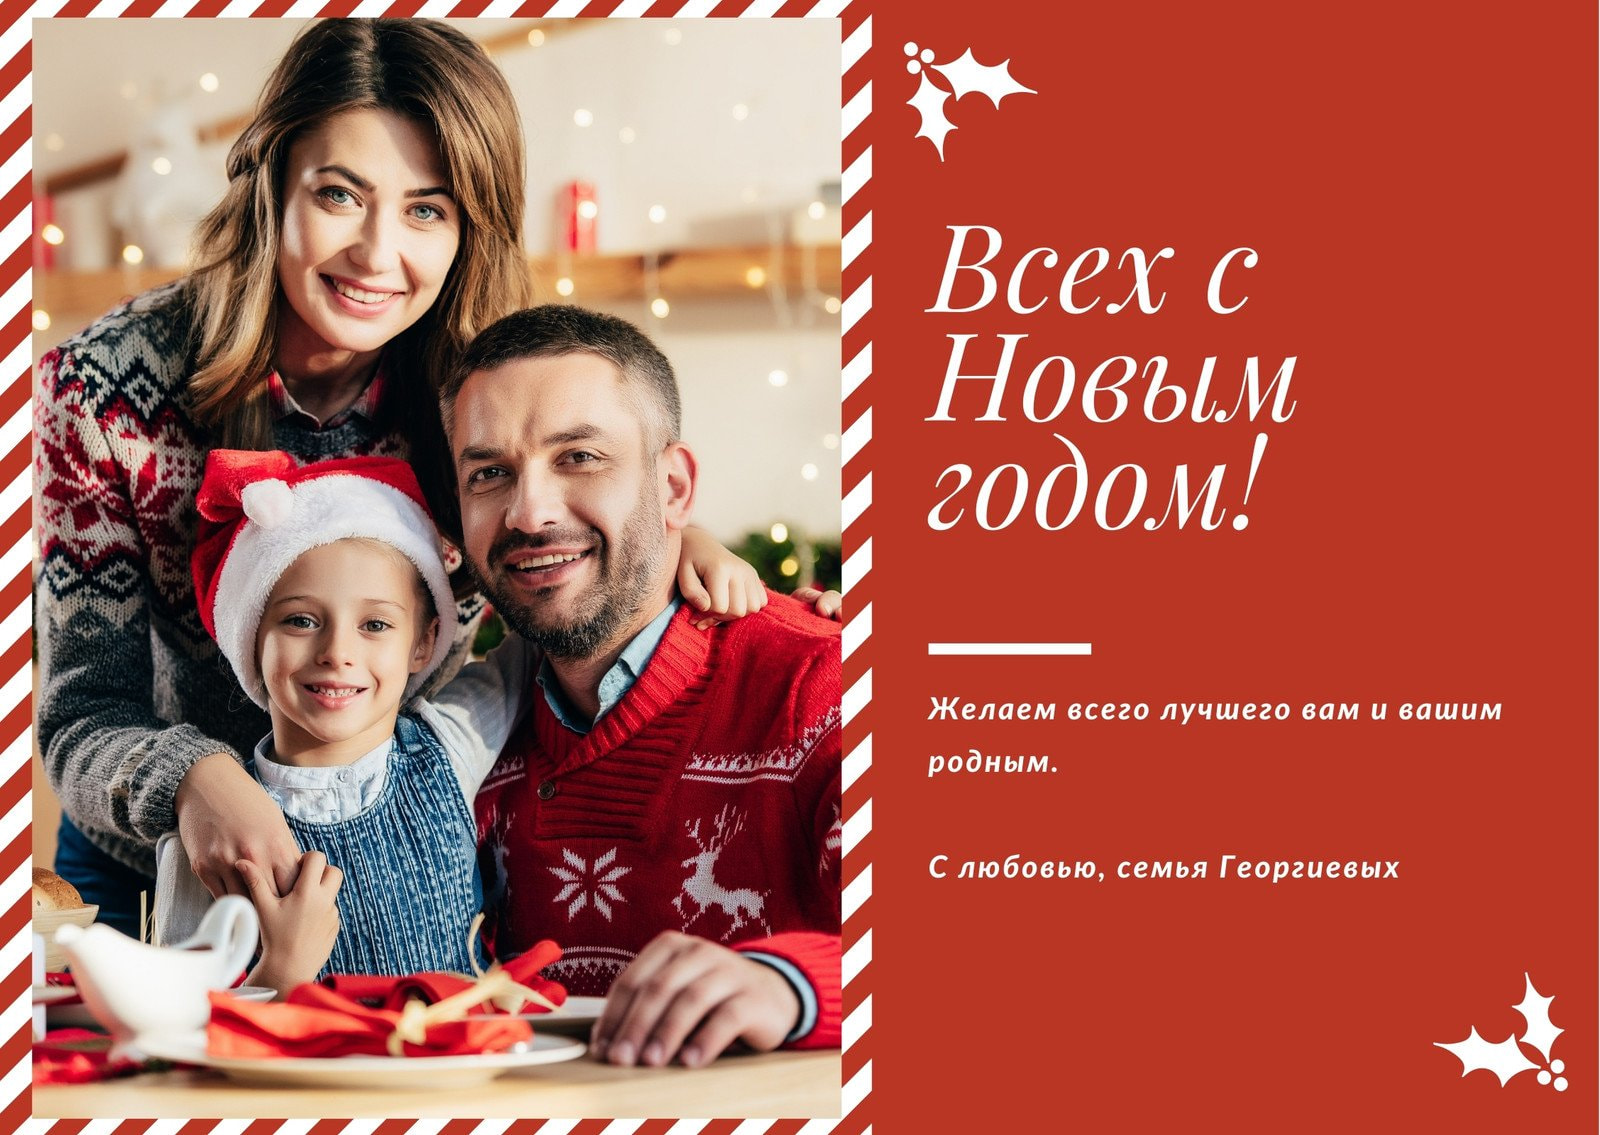 Красная Простая Рождественская Фотография Открытка